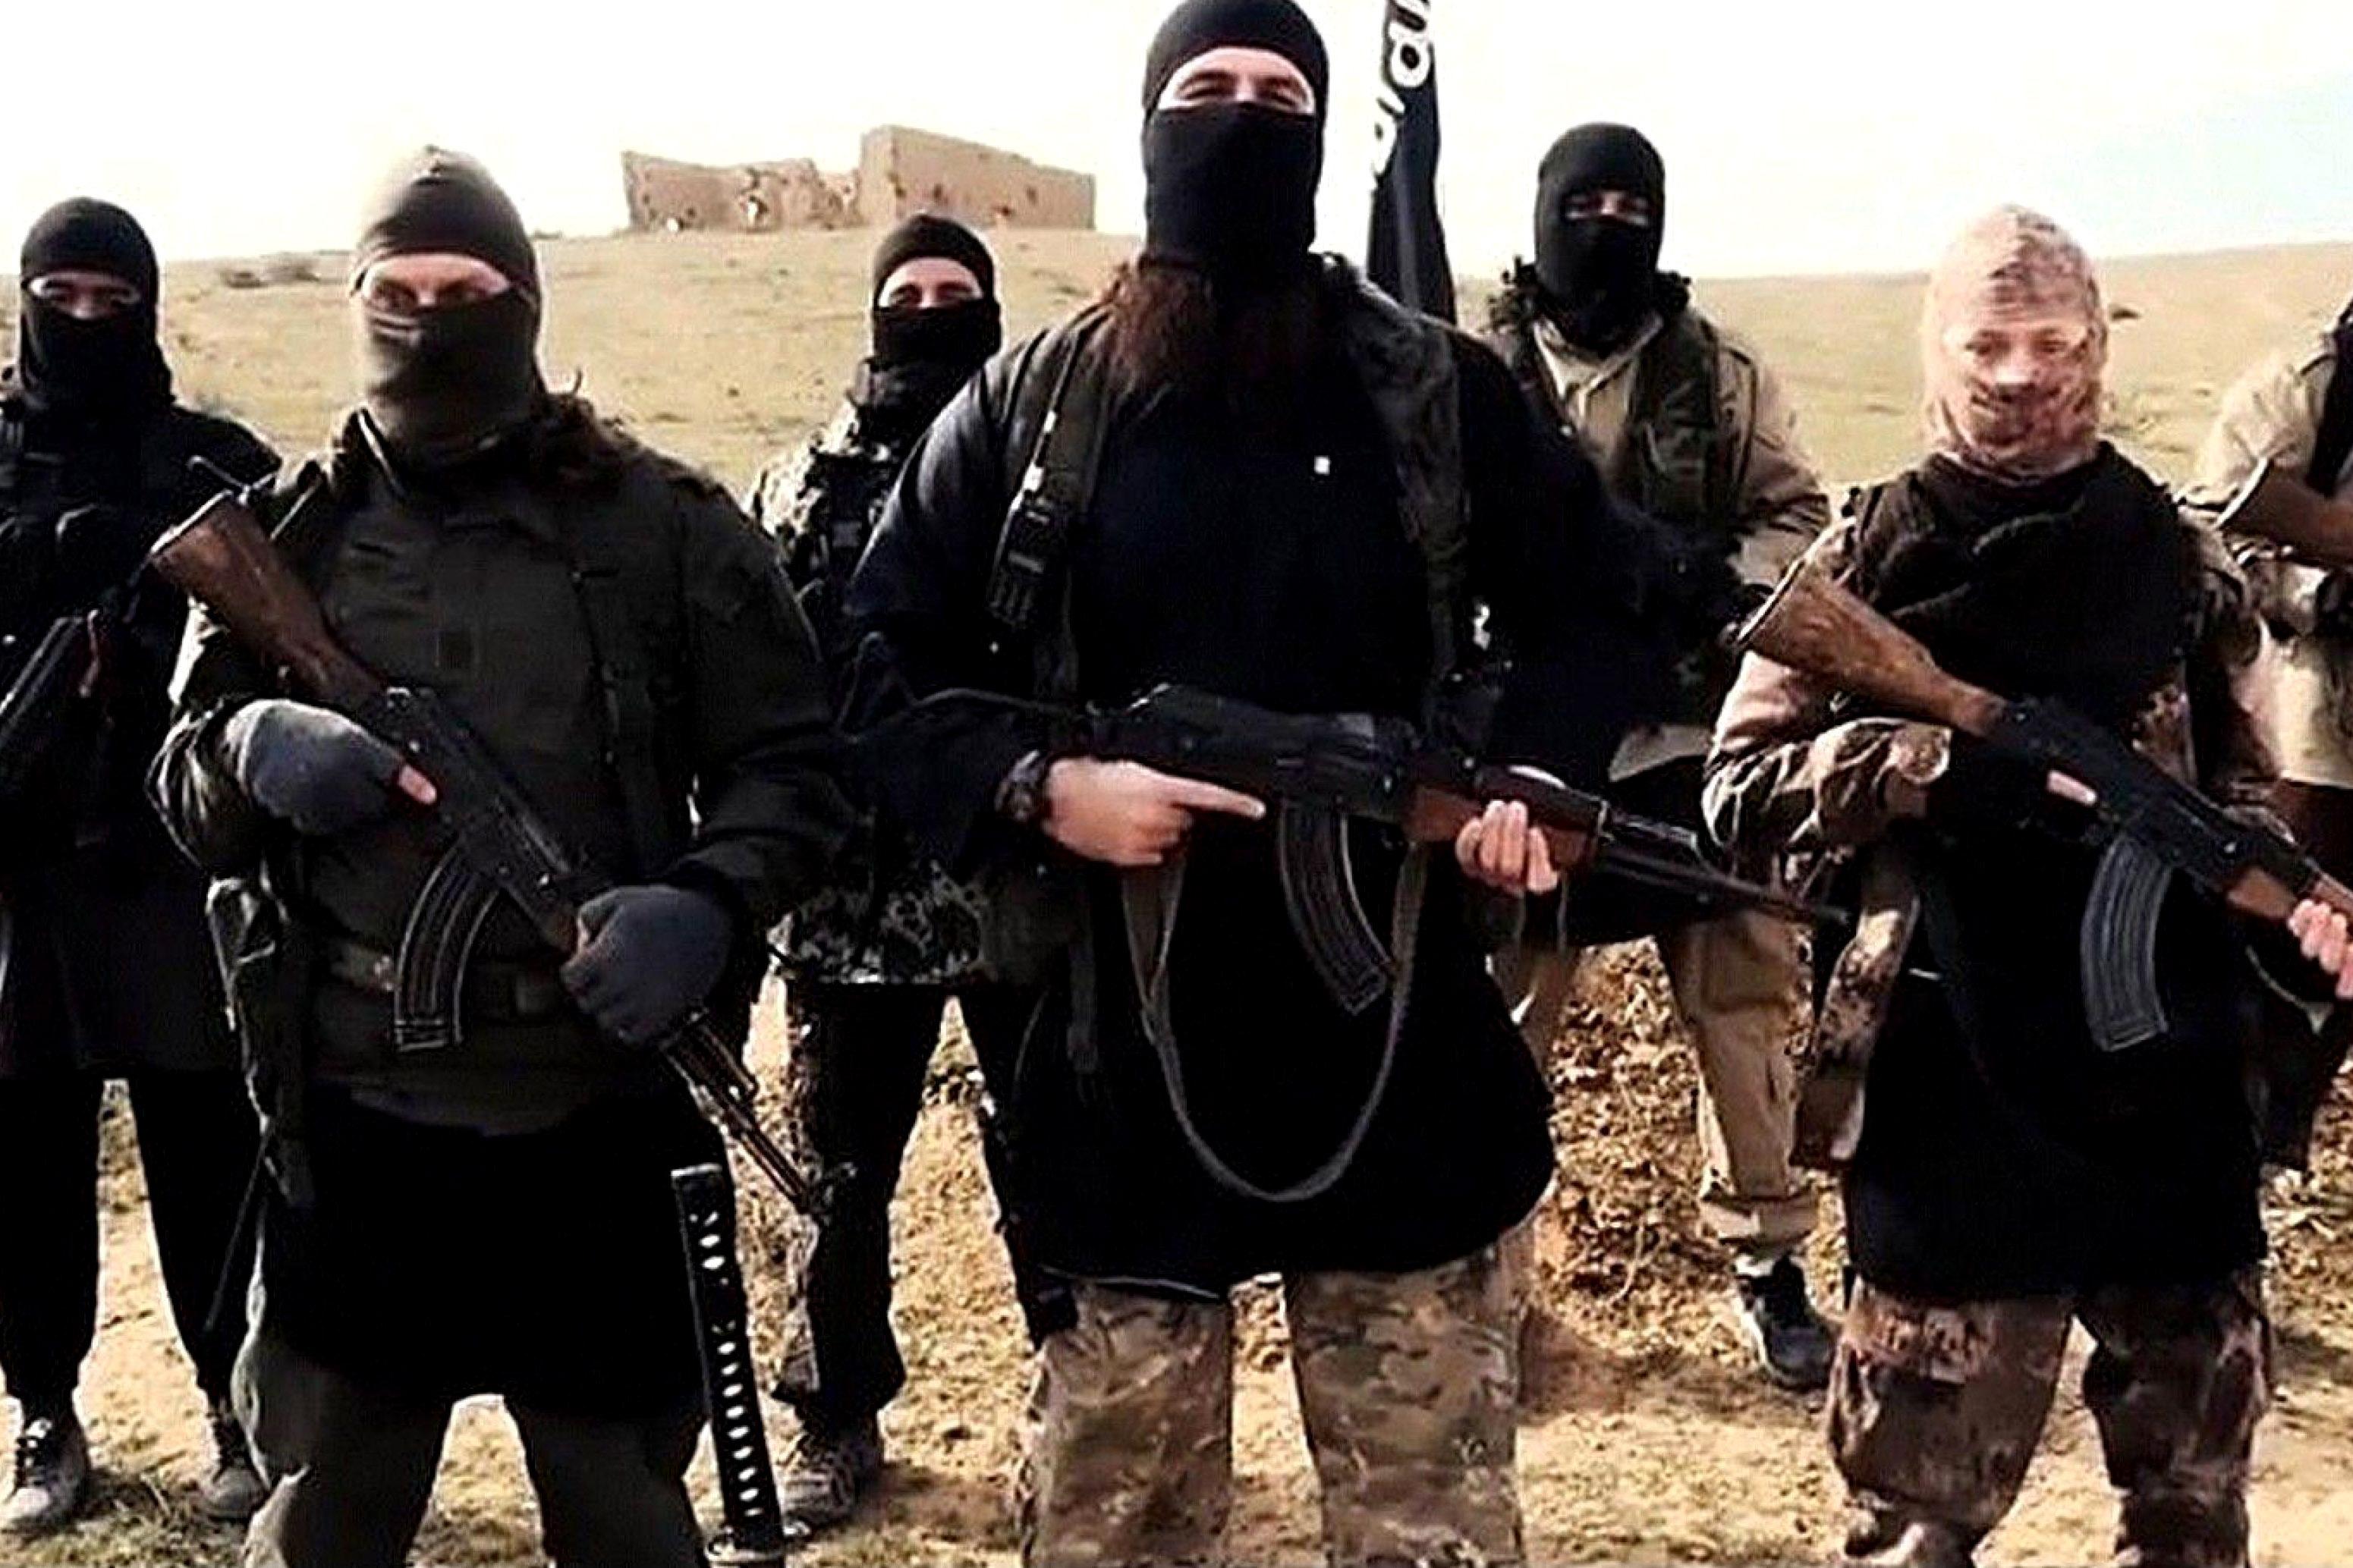 Un luptător din cadrul Statului Islamic şi-a executat în public mama